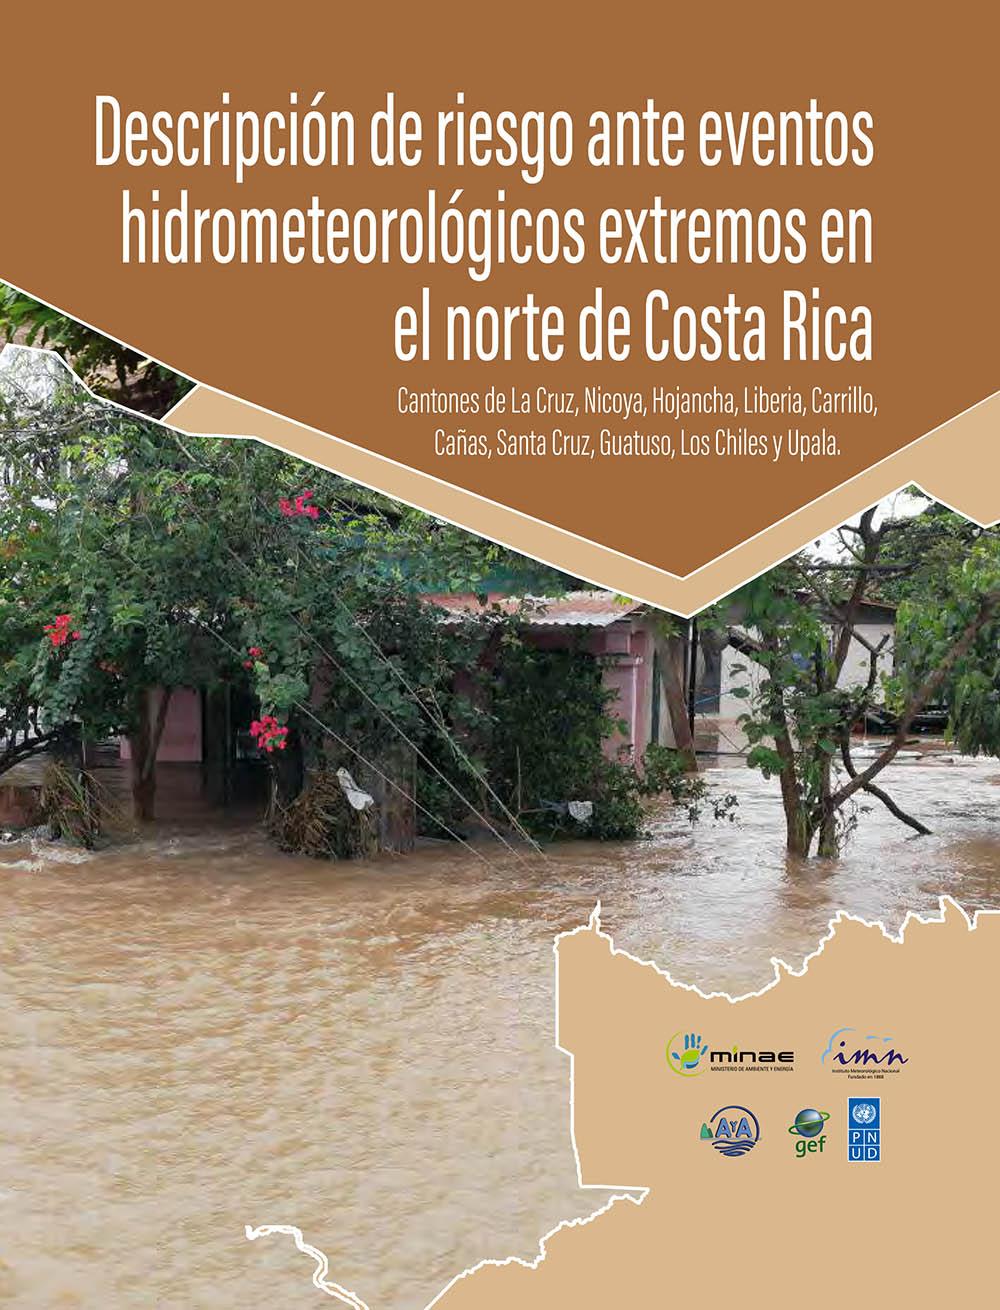 Descripción de riesgo ante eventos hidrometeorológicos extremos en el norte de Costa Rica.